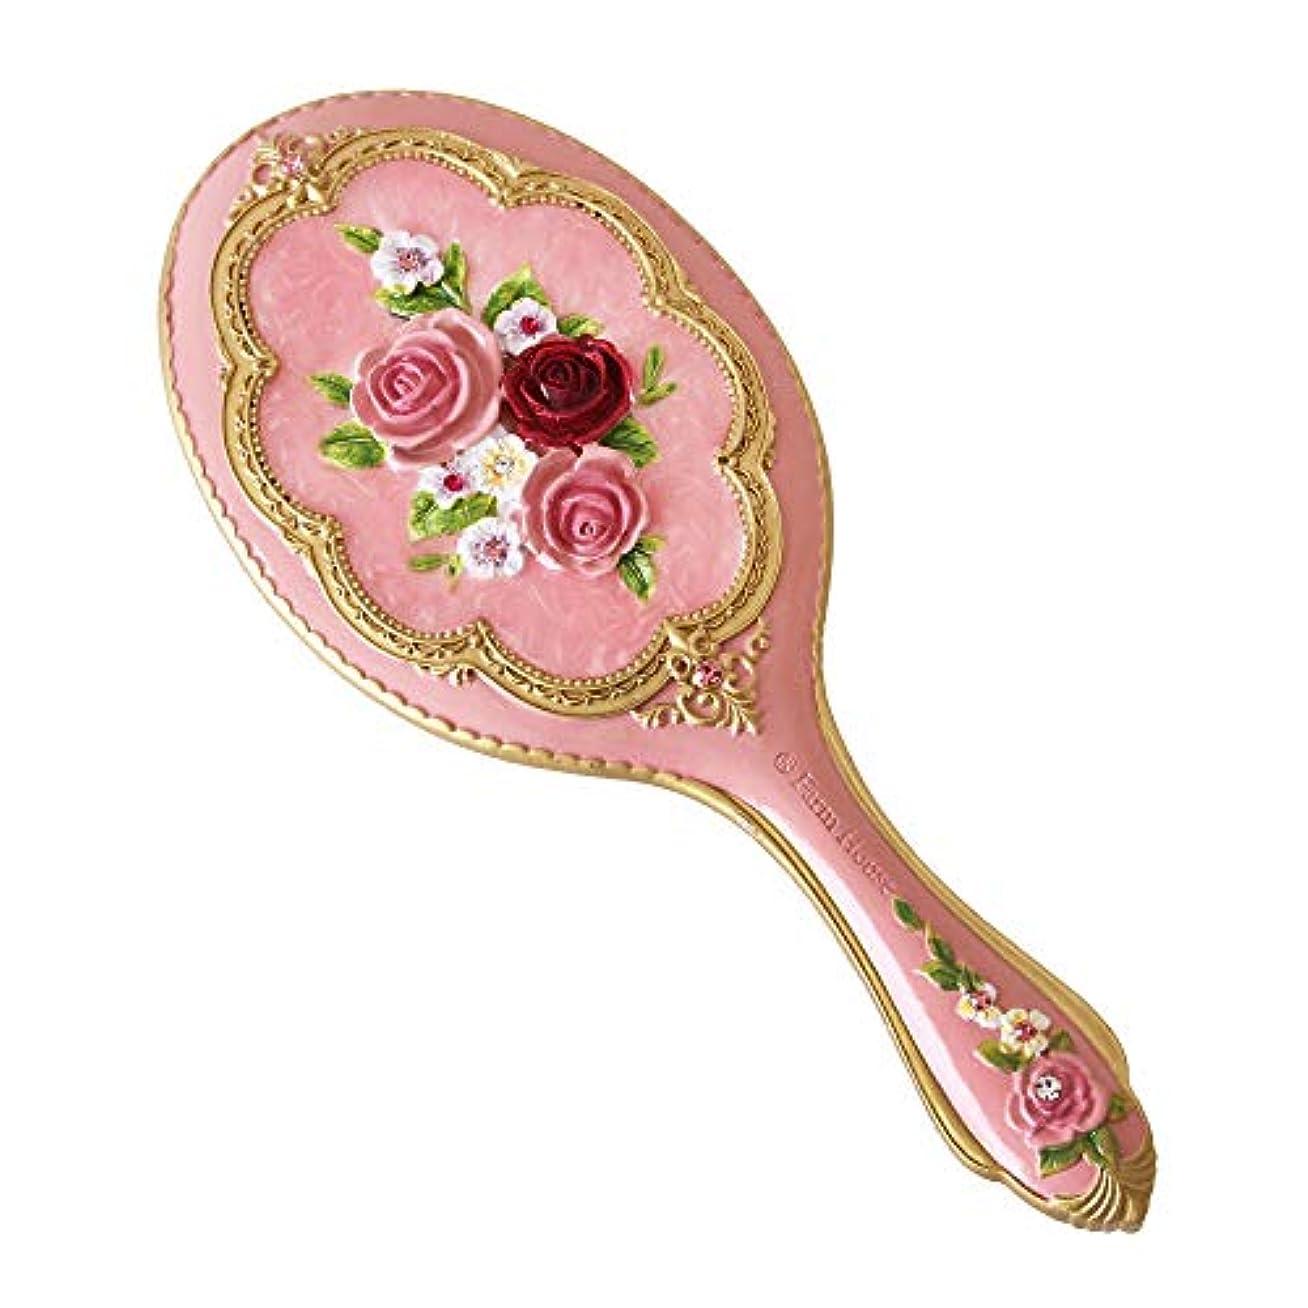 醜い到着に沿ってハンドミラー ロイヤルローズ 手鏡 ピンク